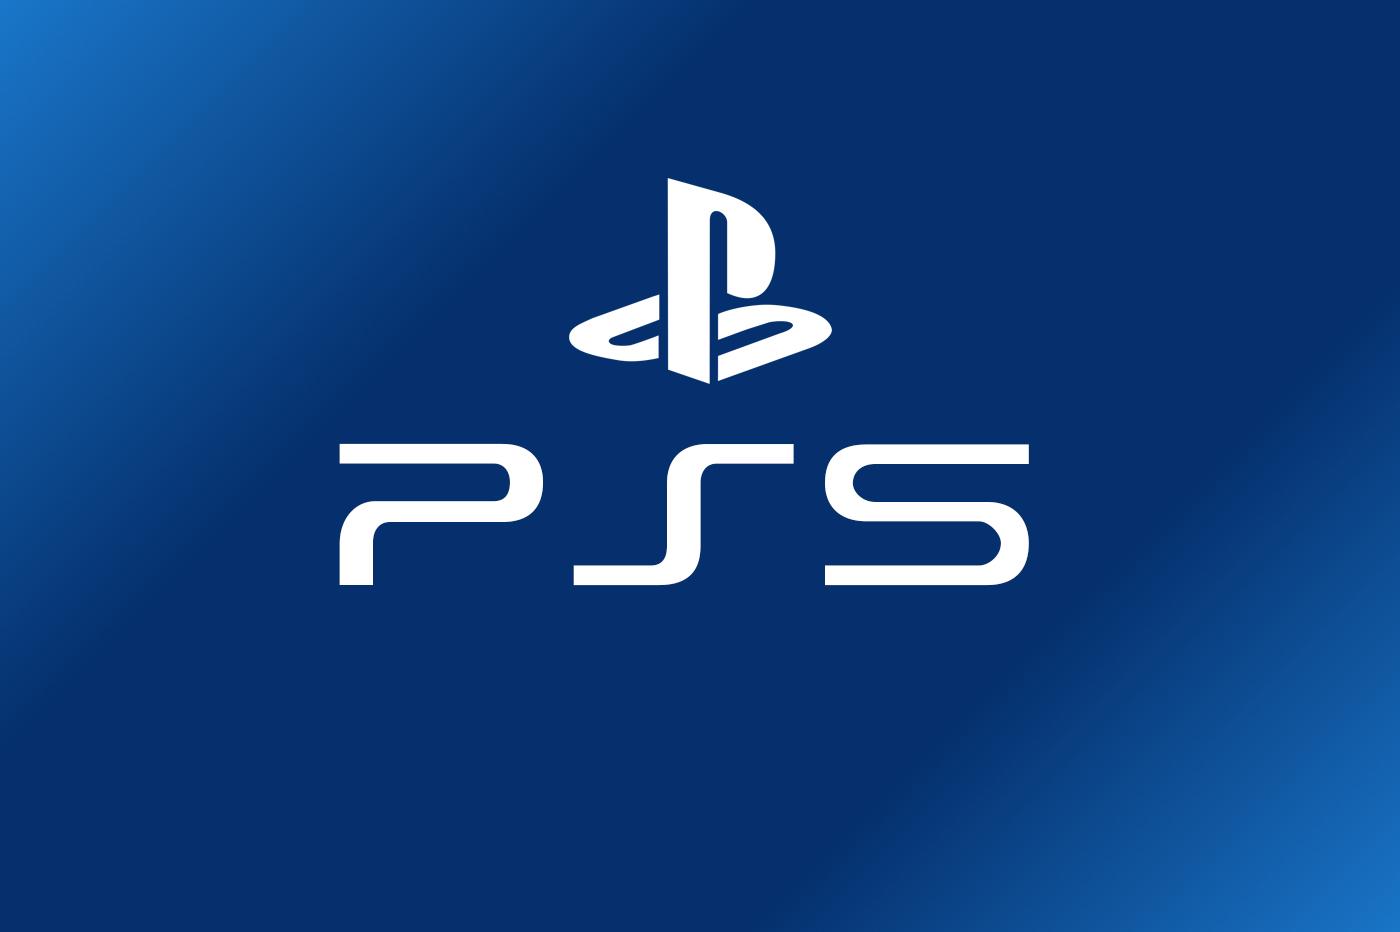 Avec la PS5, Sony proposera des exclusivités dès le lancement de la console